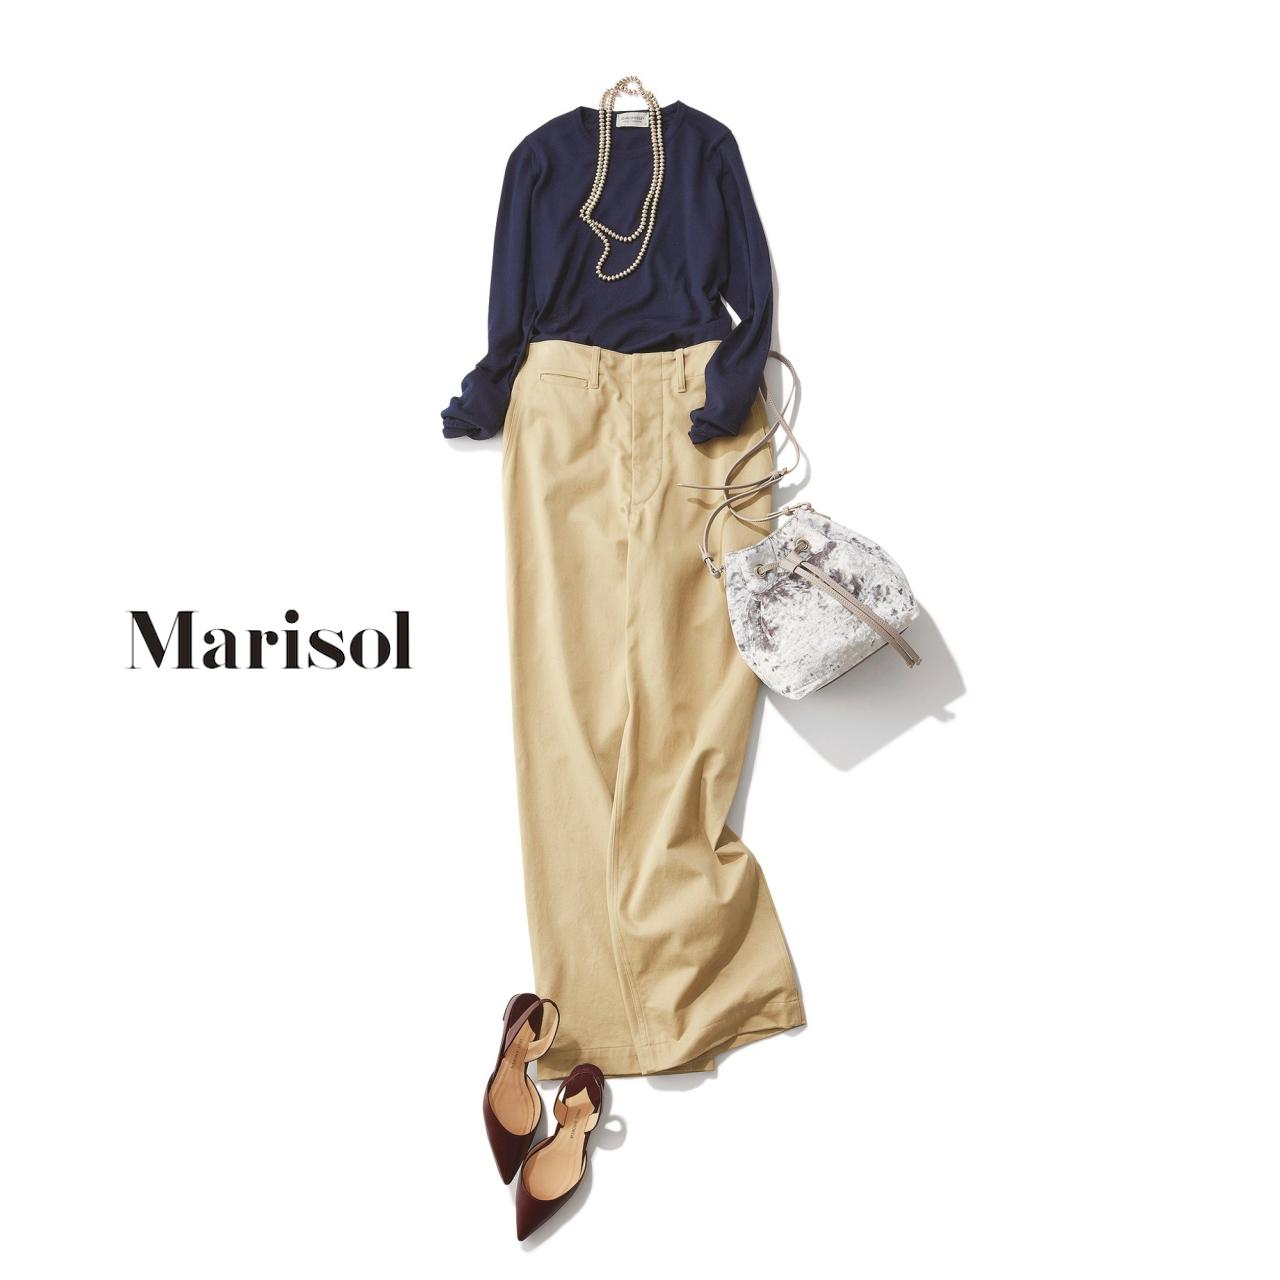 40代ファッション ネイビートップス×チノワイドパンツコーデ